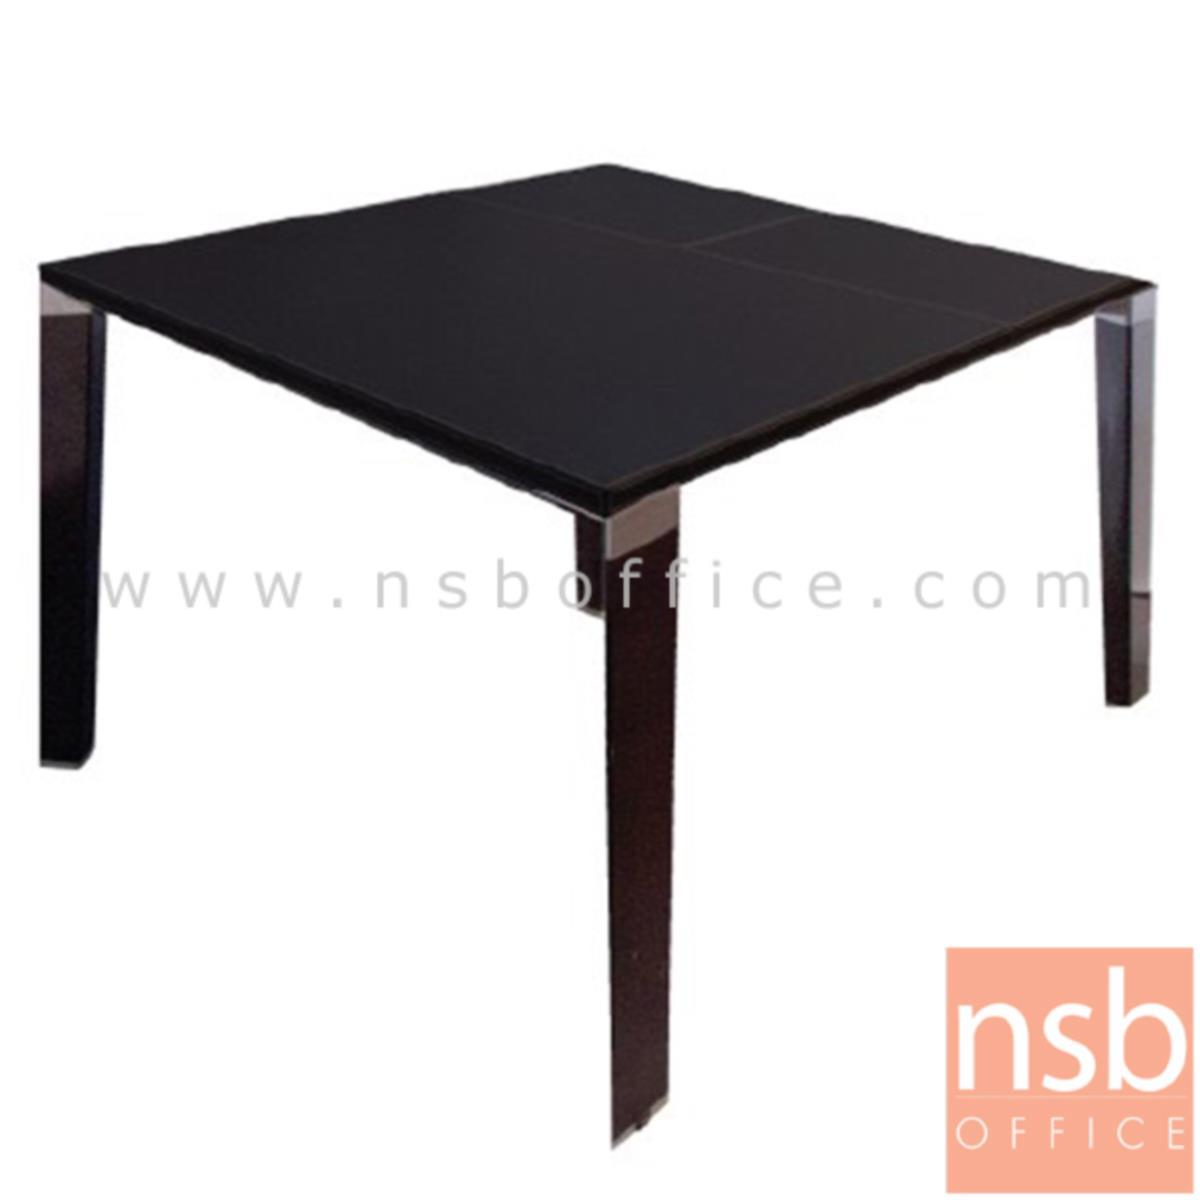 A05A170:โต๊ะประชุมทรงสี่เหลี่ยมปิดผิวหนังไมโครไฟเบอร์  ขนาด 100W cm. พร้อมปุ่มปรับระดับได้ ขาเหล็ก